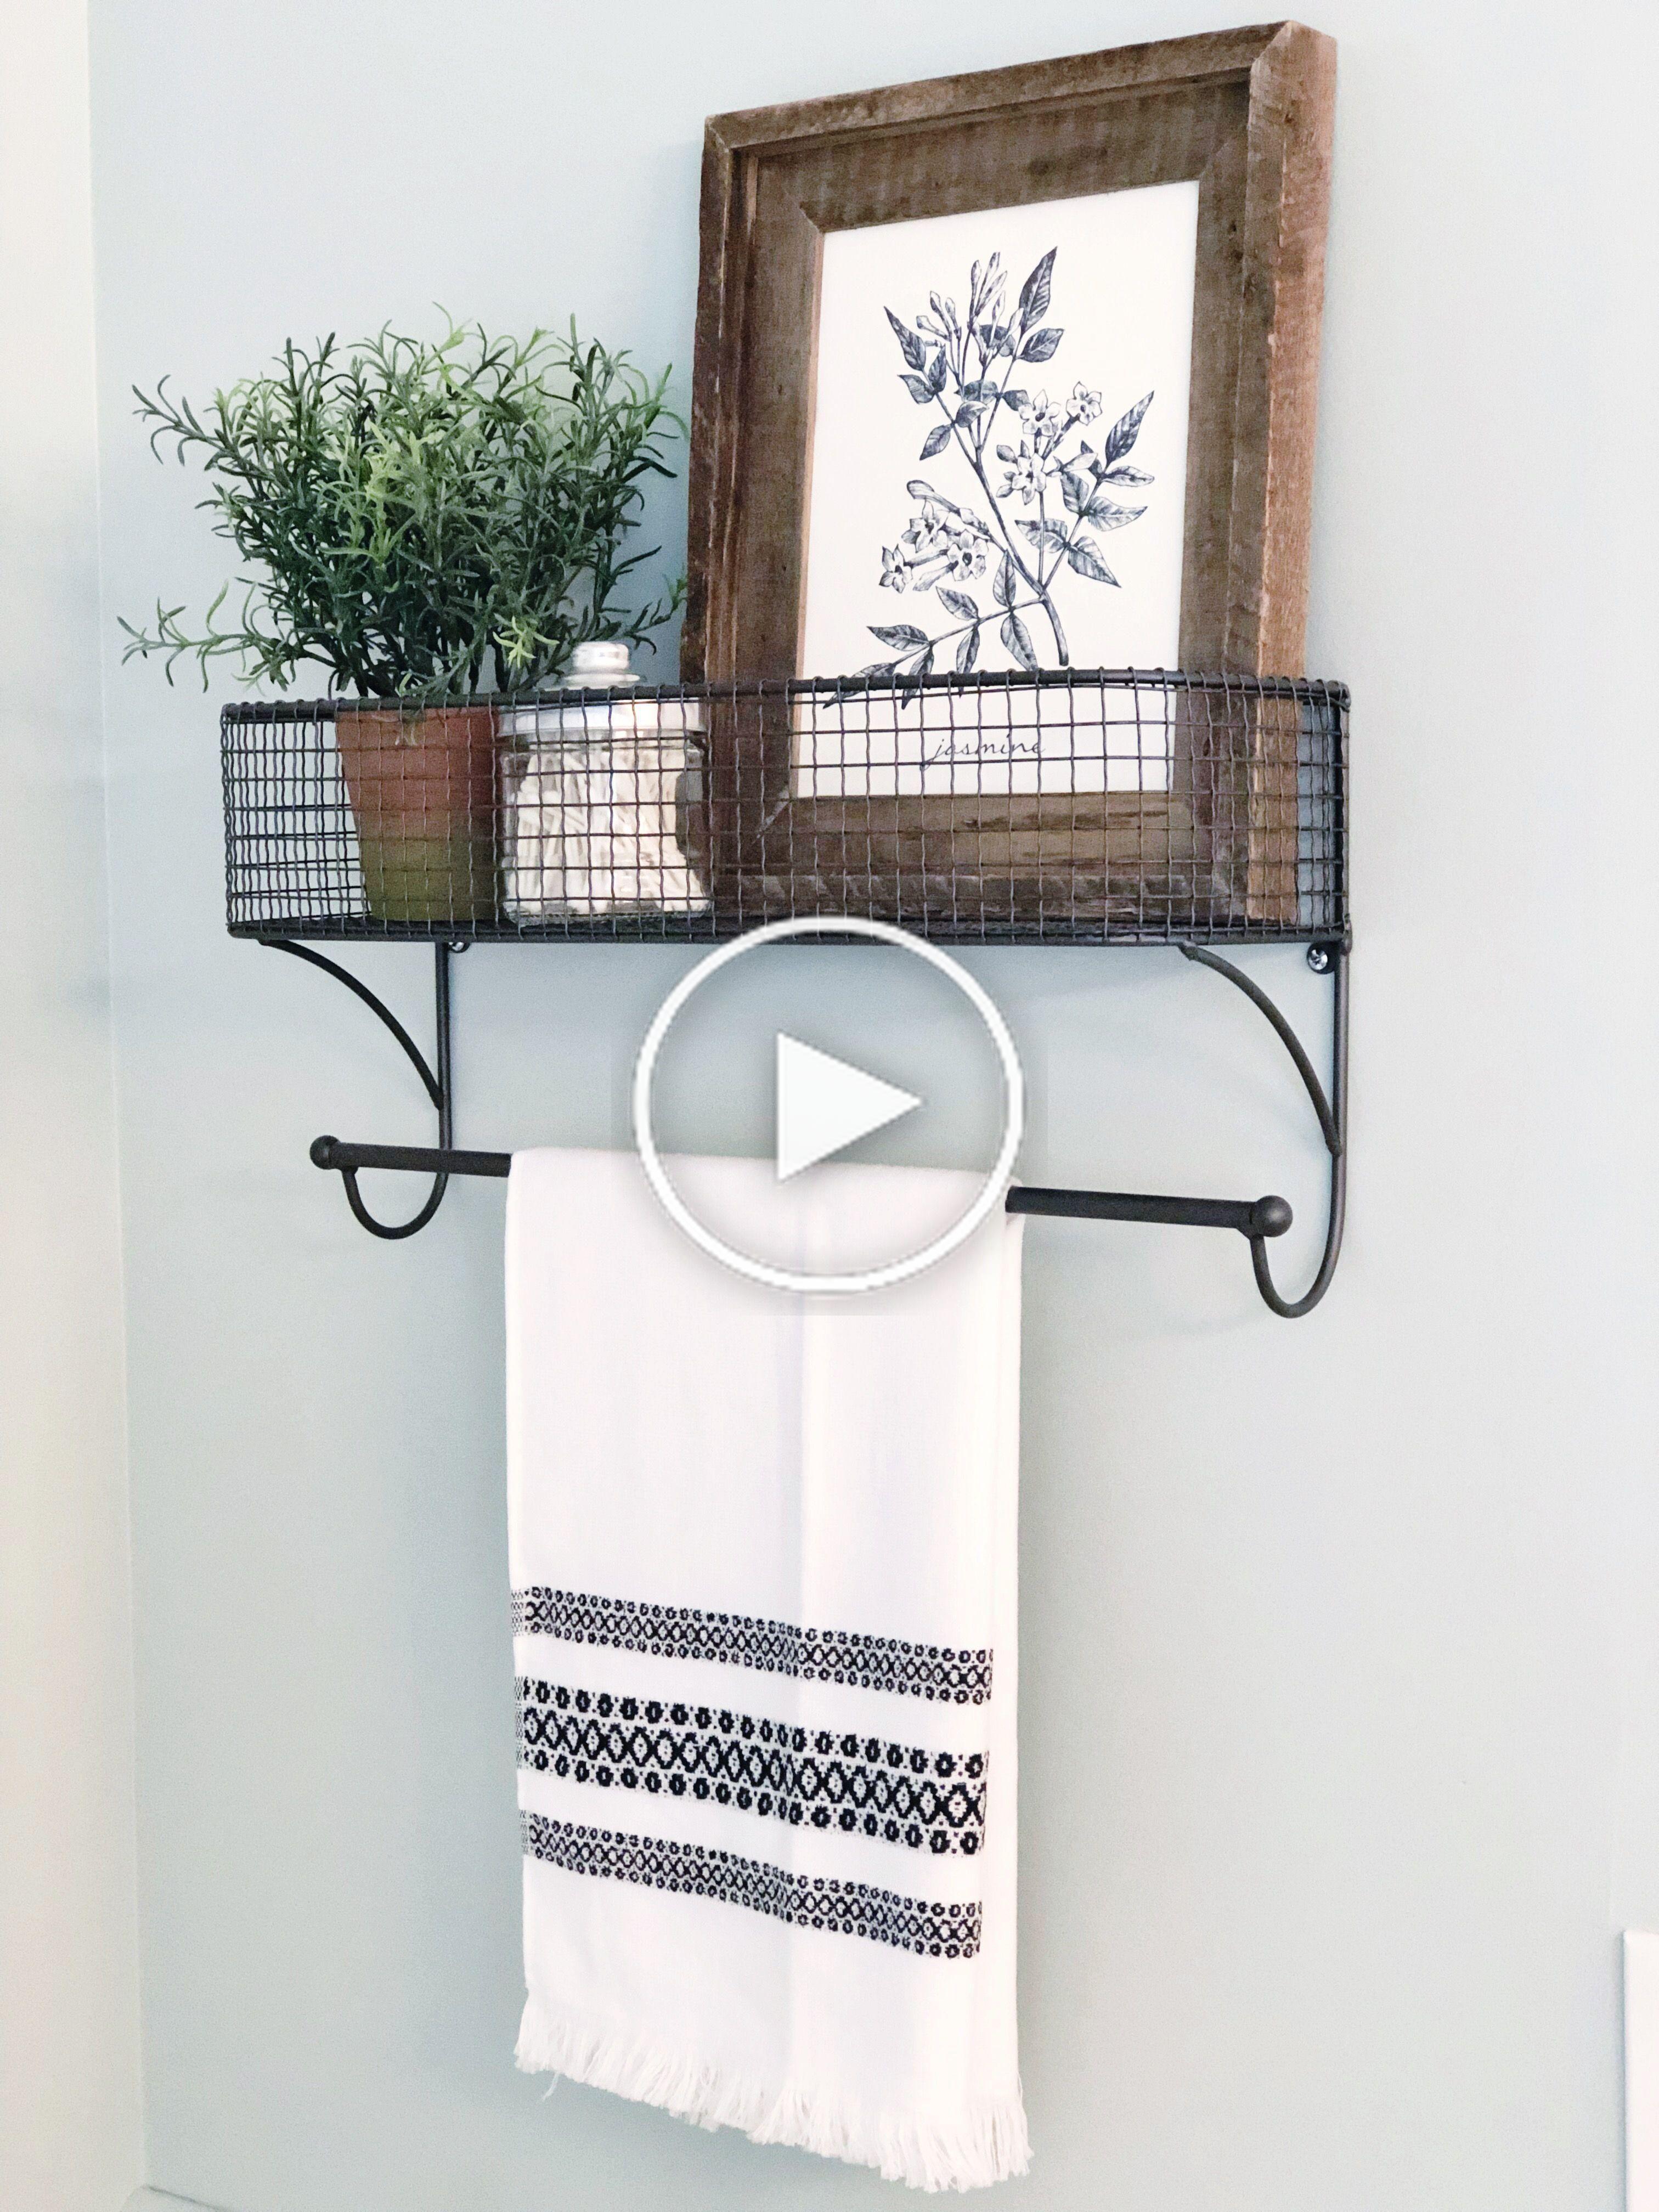 Bauernhausbadezimmer Badezimmerideen In 2020 Handtuchhalter Wand Bauernhaus Badezimmer Badezimmer Wand